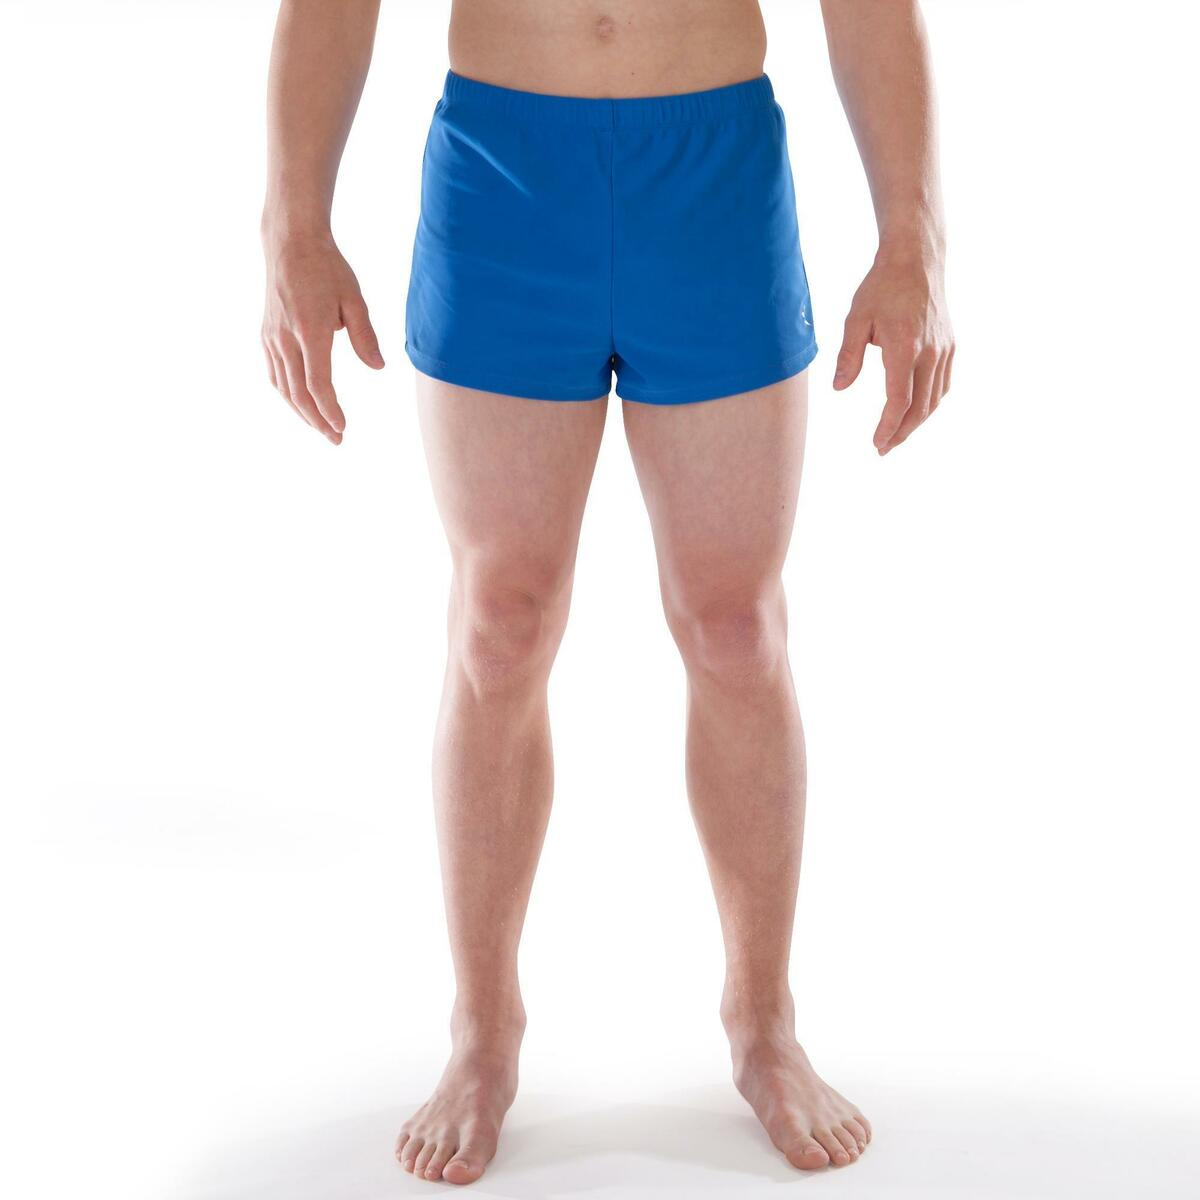 Bild 2 von Gymnastikhose kurz 500 Jungen Herren blau